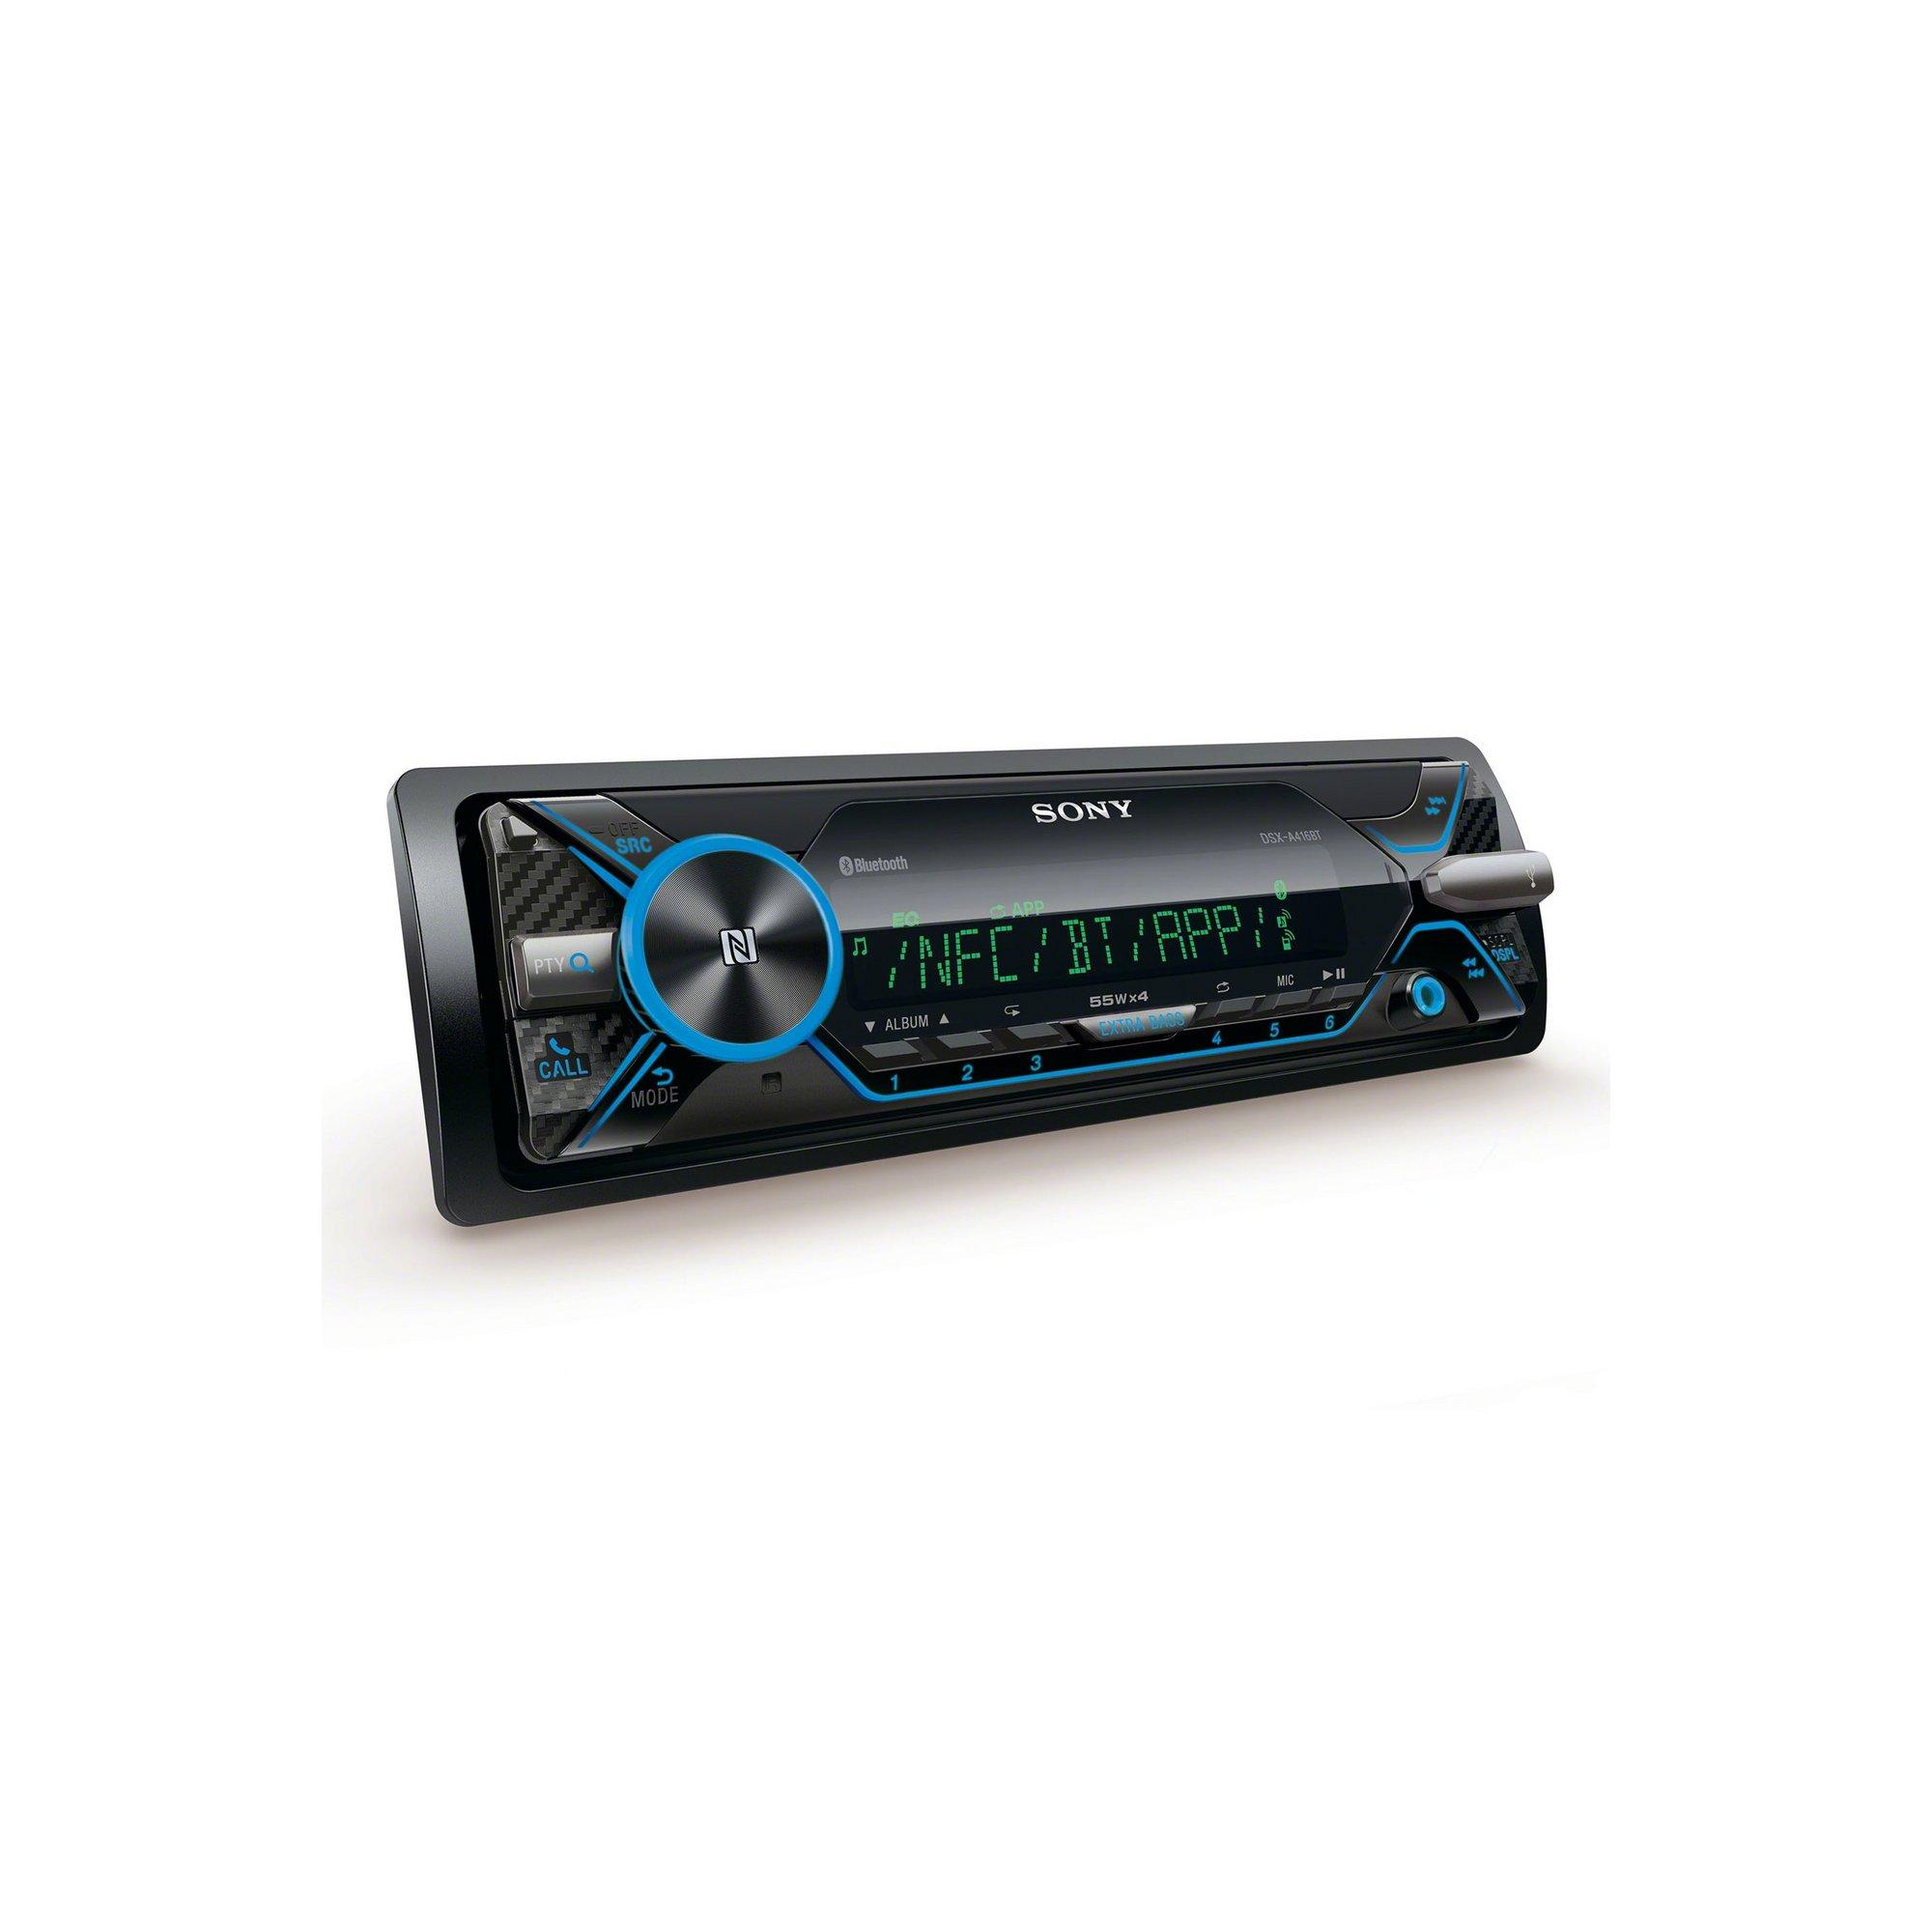 Image of Sony DSXA416BT Car Stereo